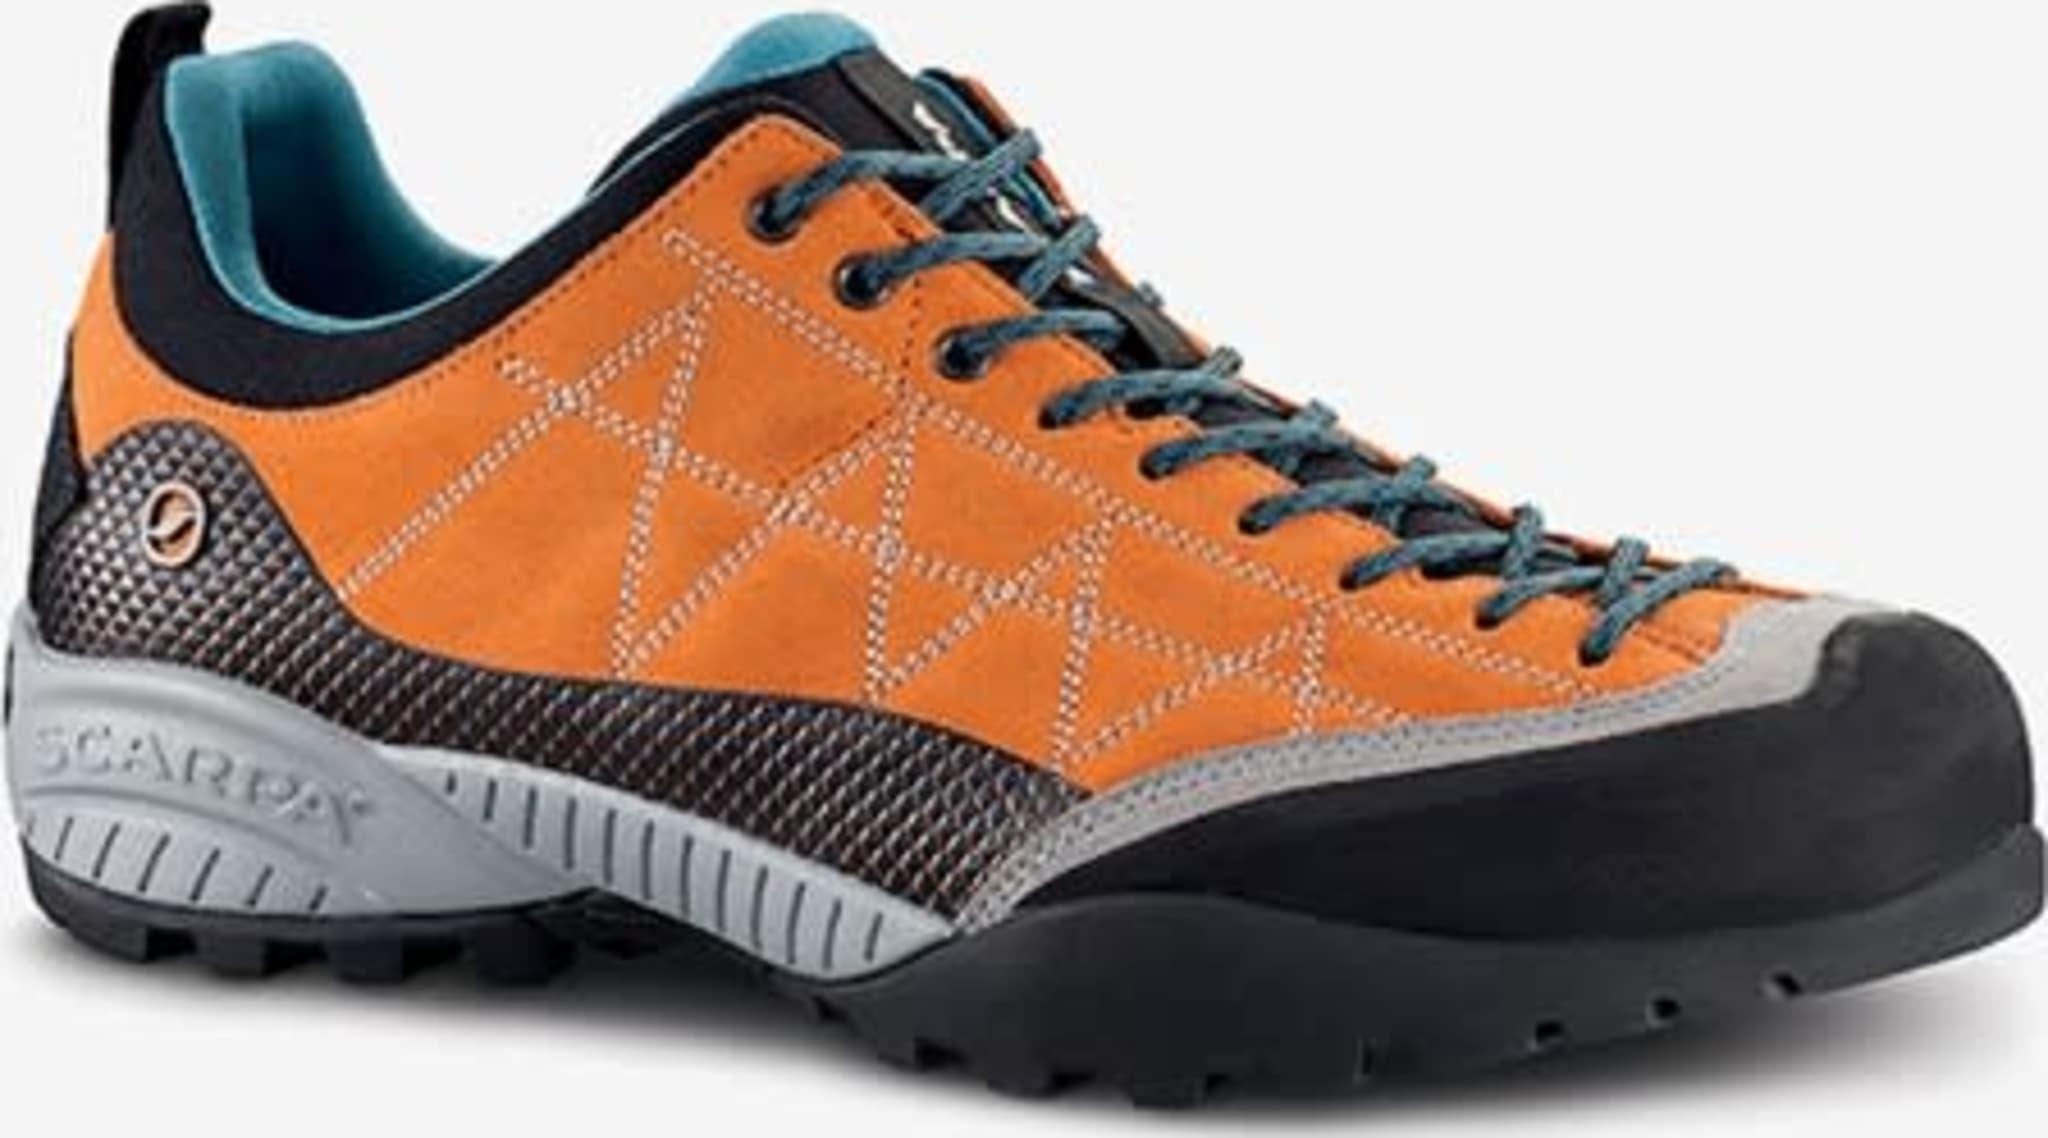 Lett og slitesterk sko med såle i Vibram